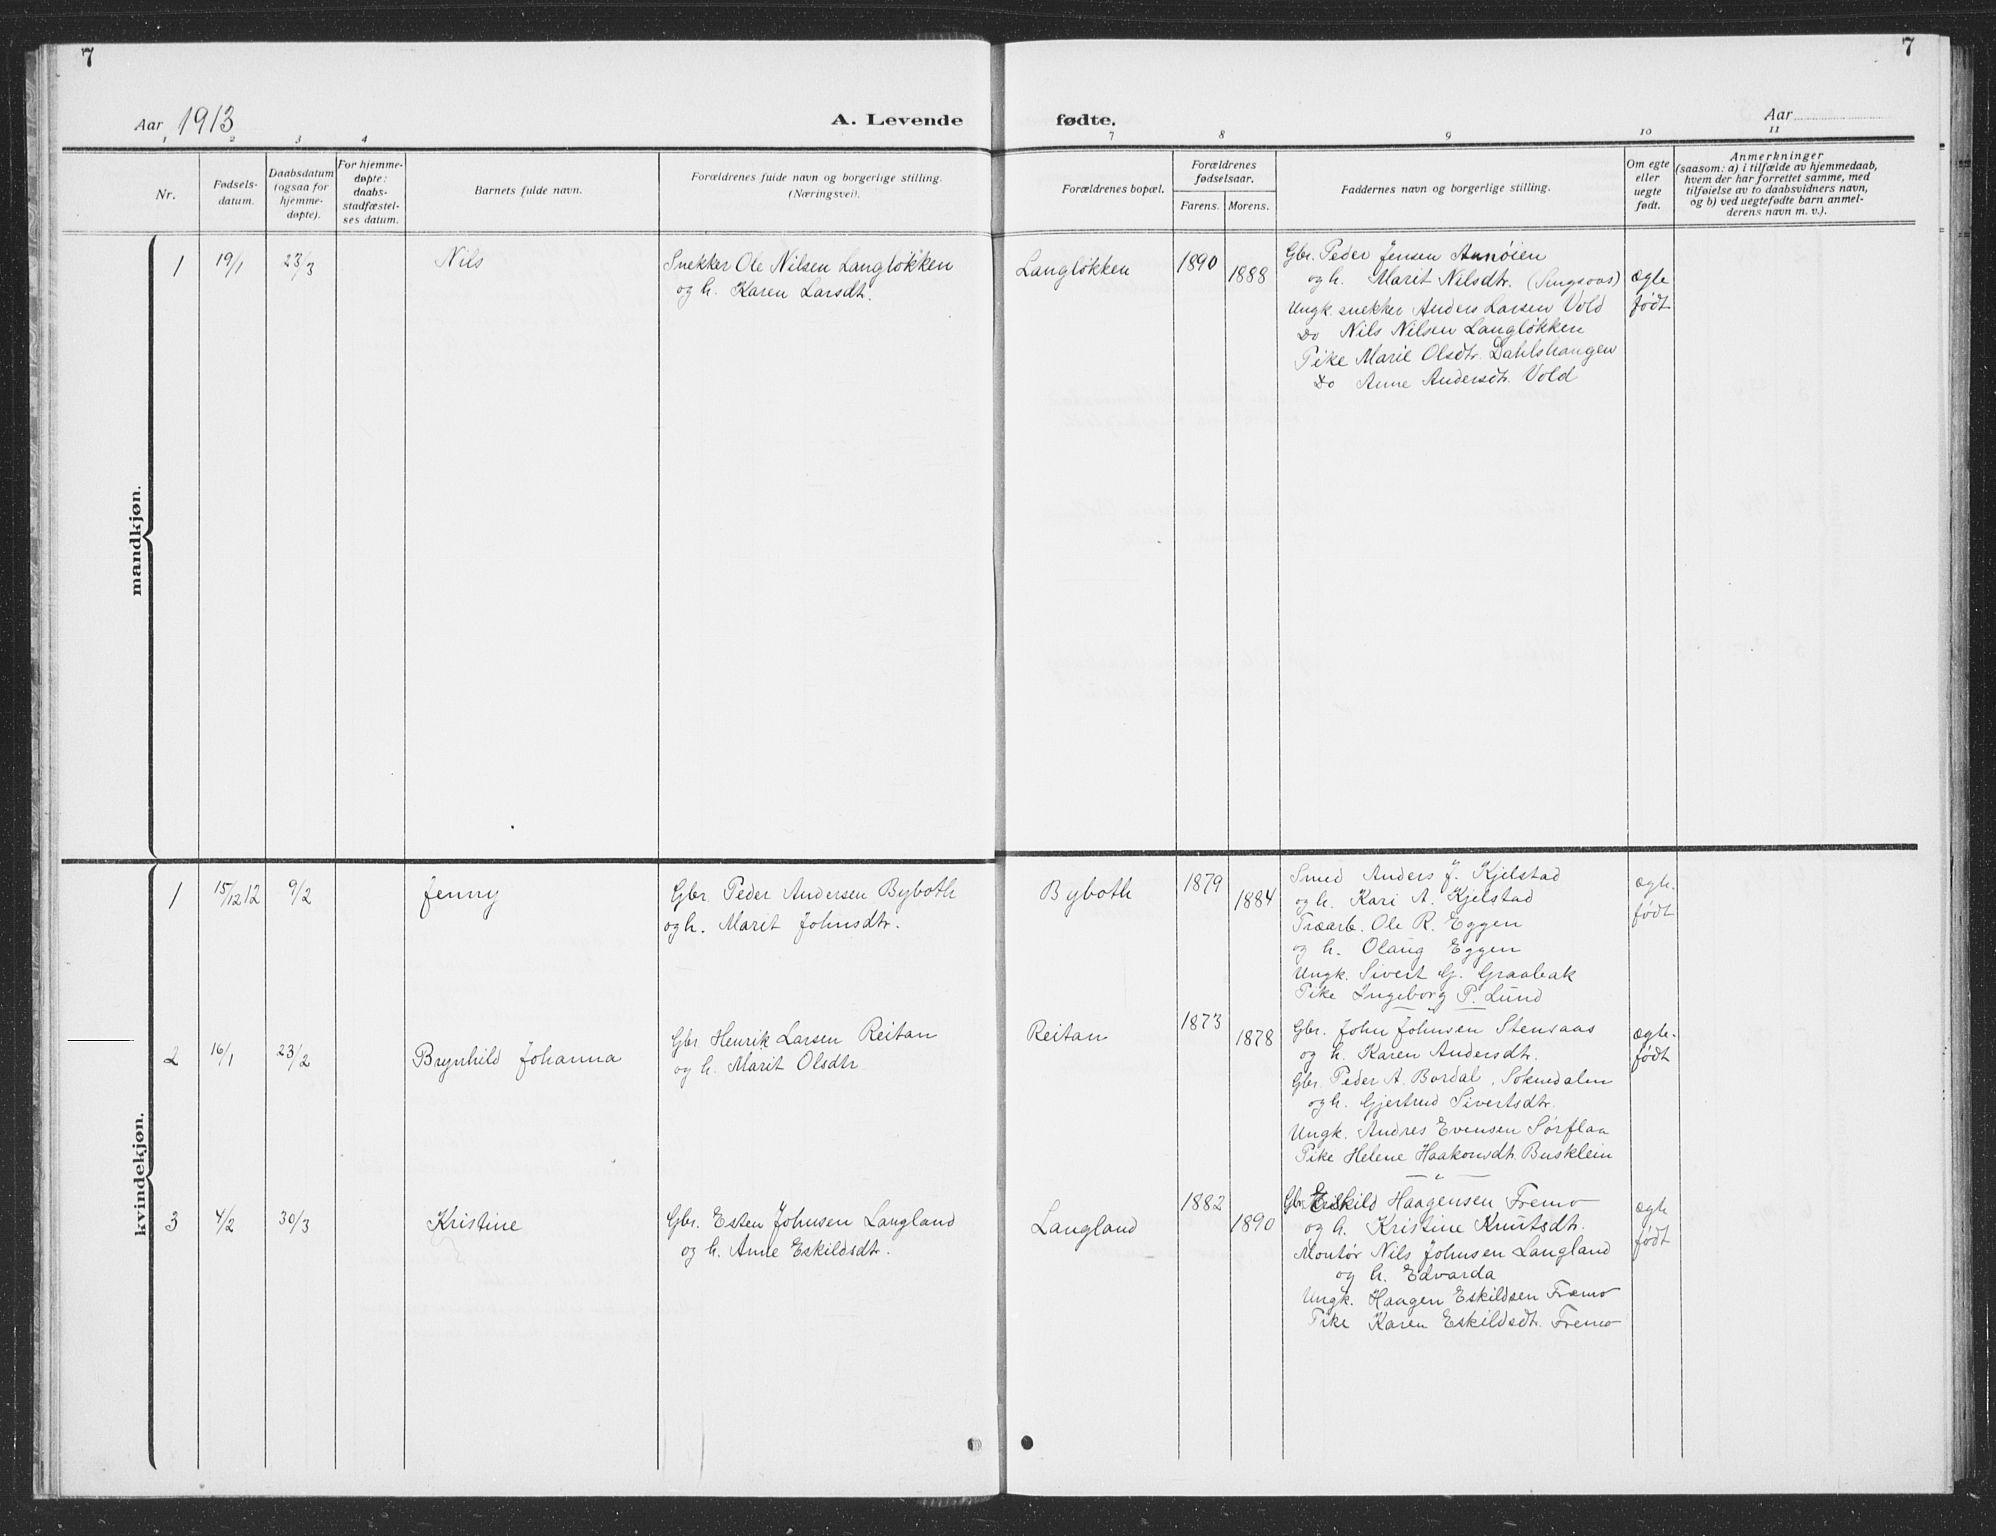 SAT, Ministerialprotokoller, klokkerbøker og fødselsregistre - Sør-Trøndelag, 693/L1124: Klokkerbok nr. 693C05, 1911-1941, s. 7